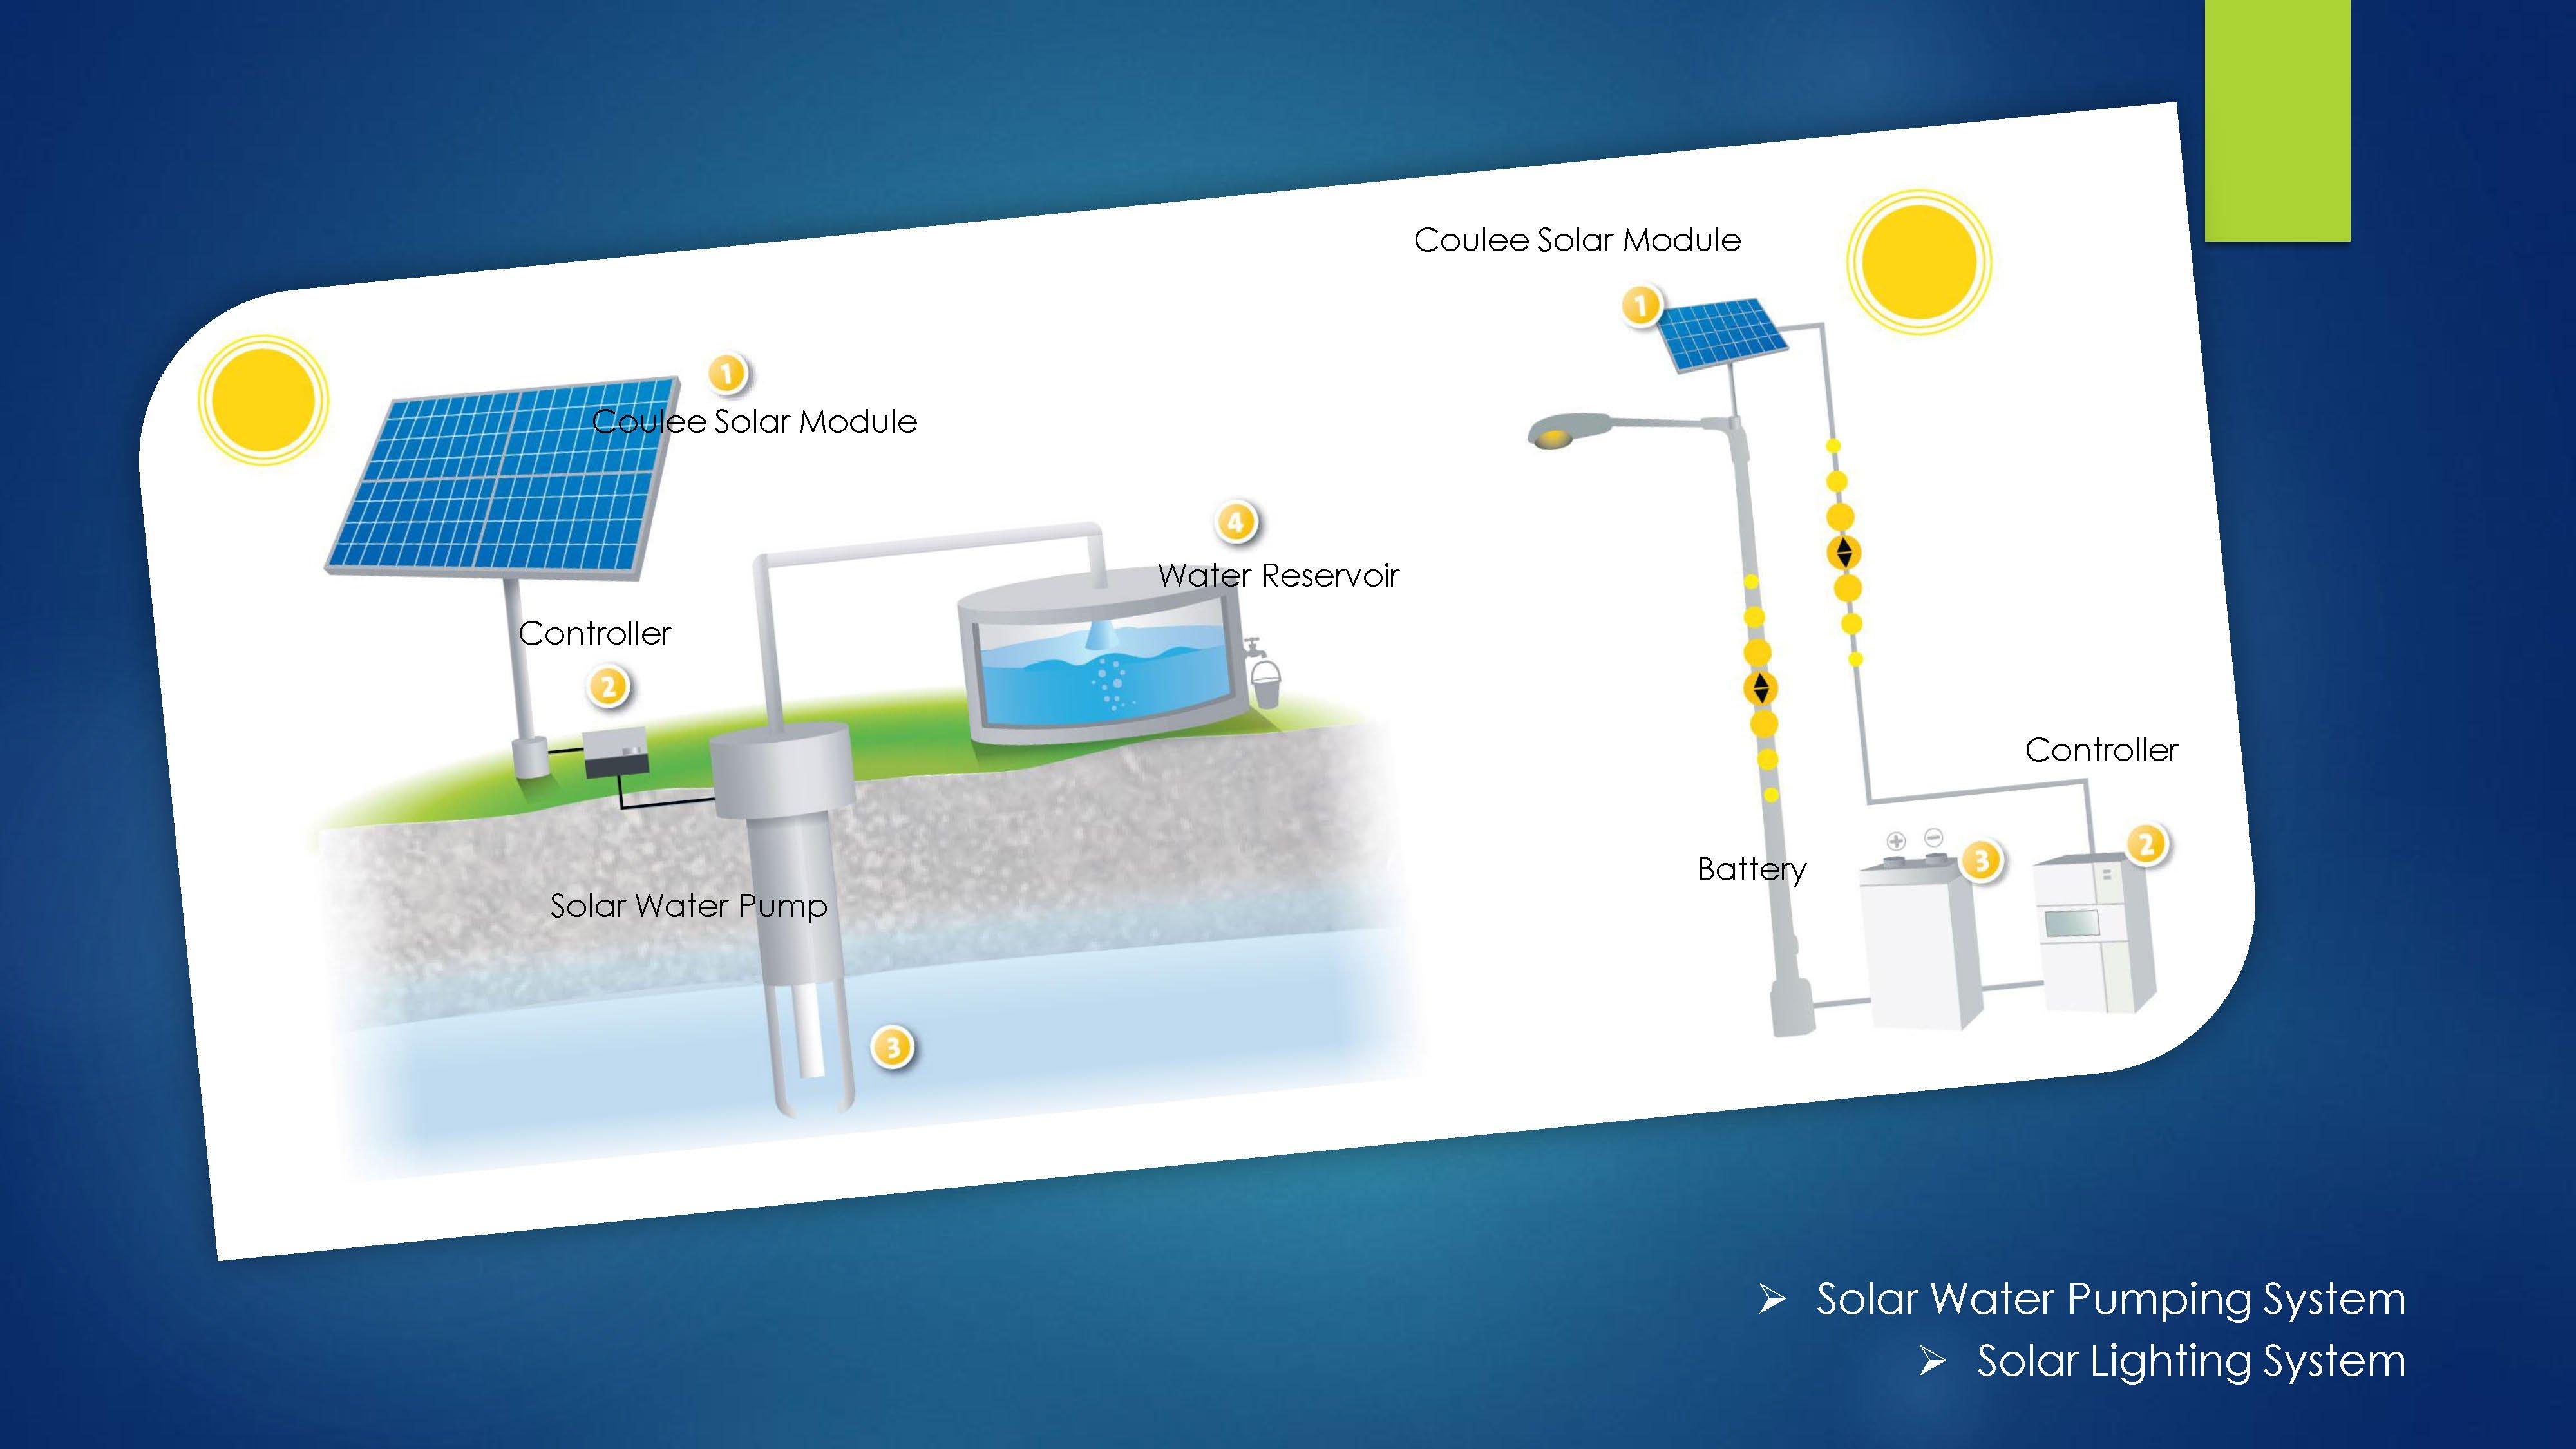 solar water pumping system, solar lighting system